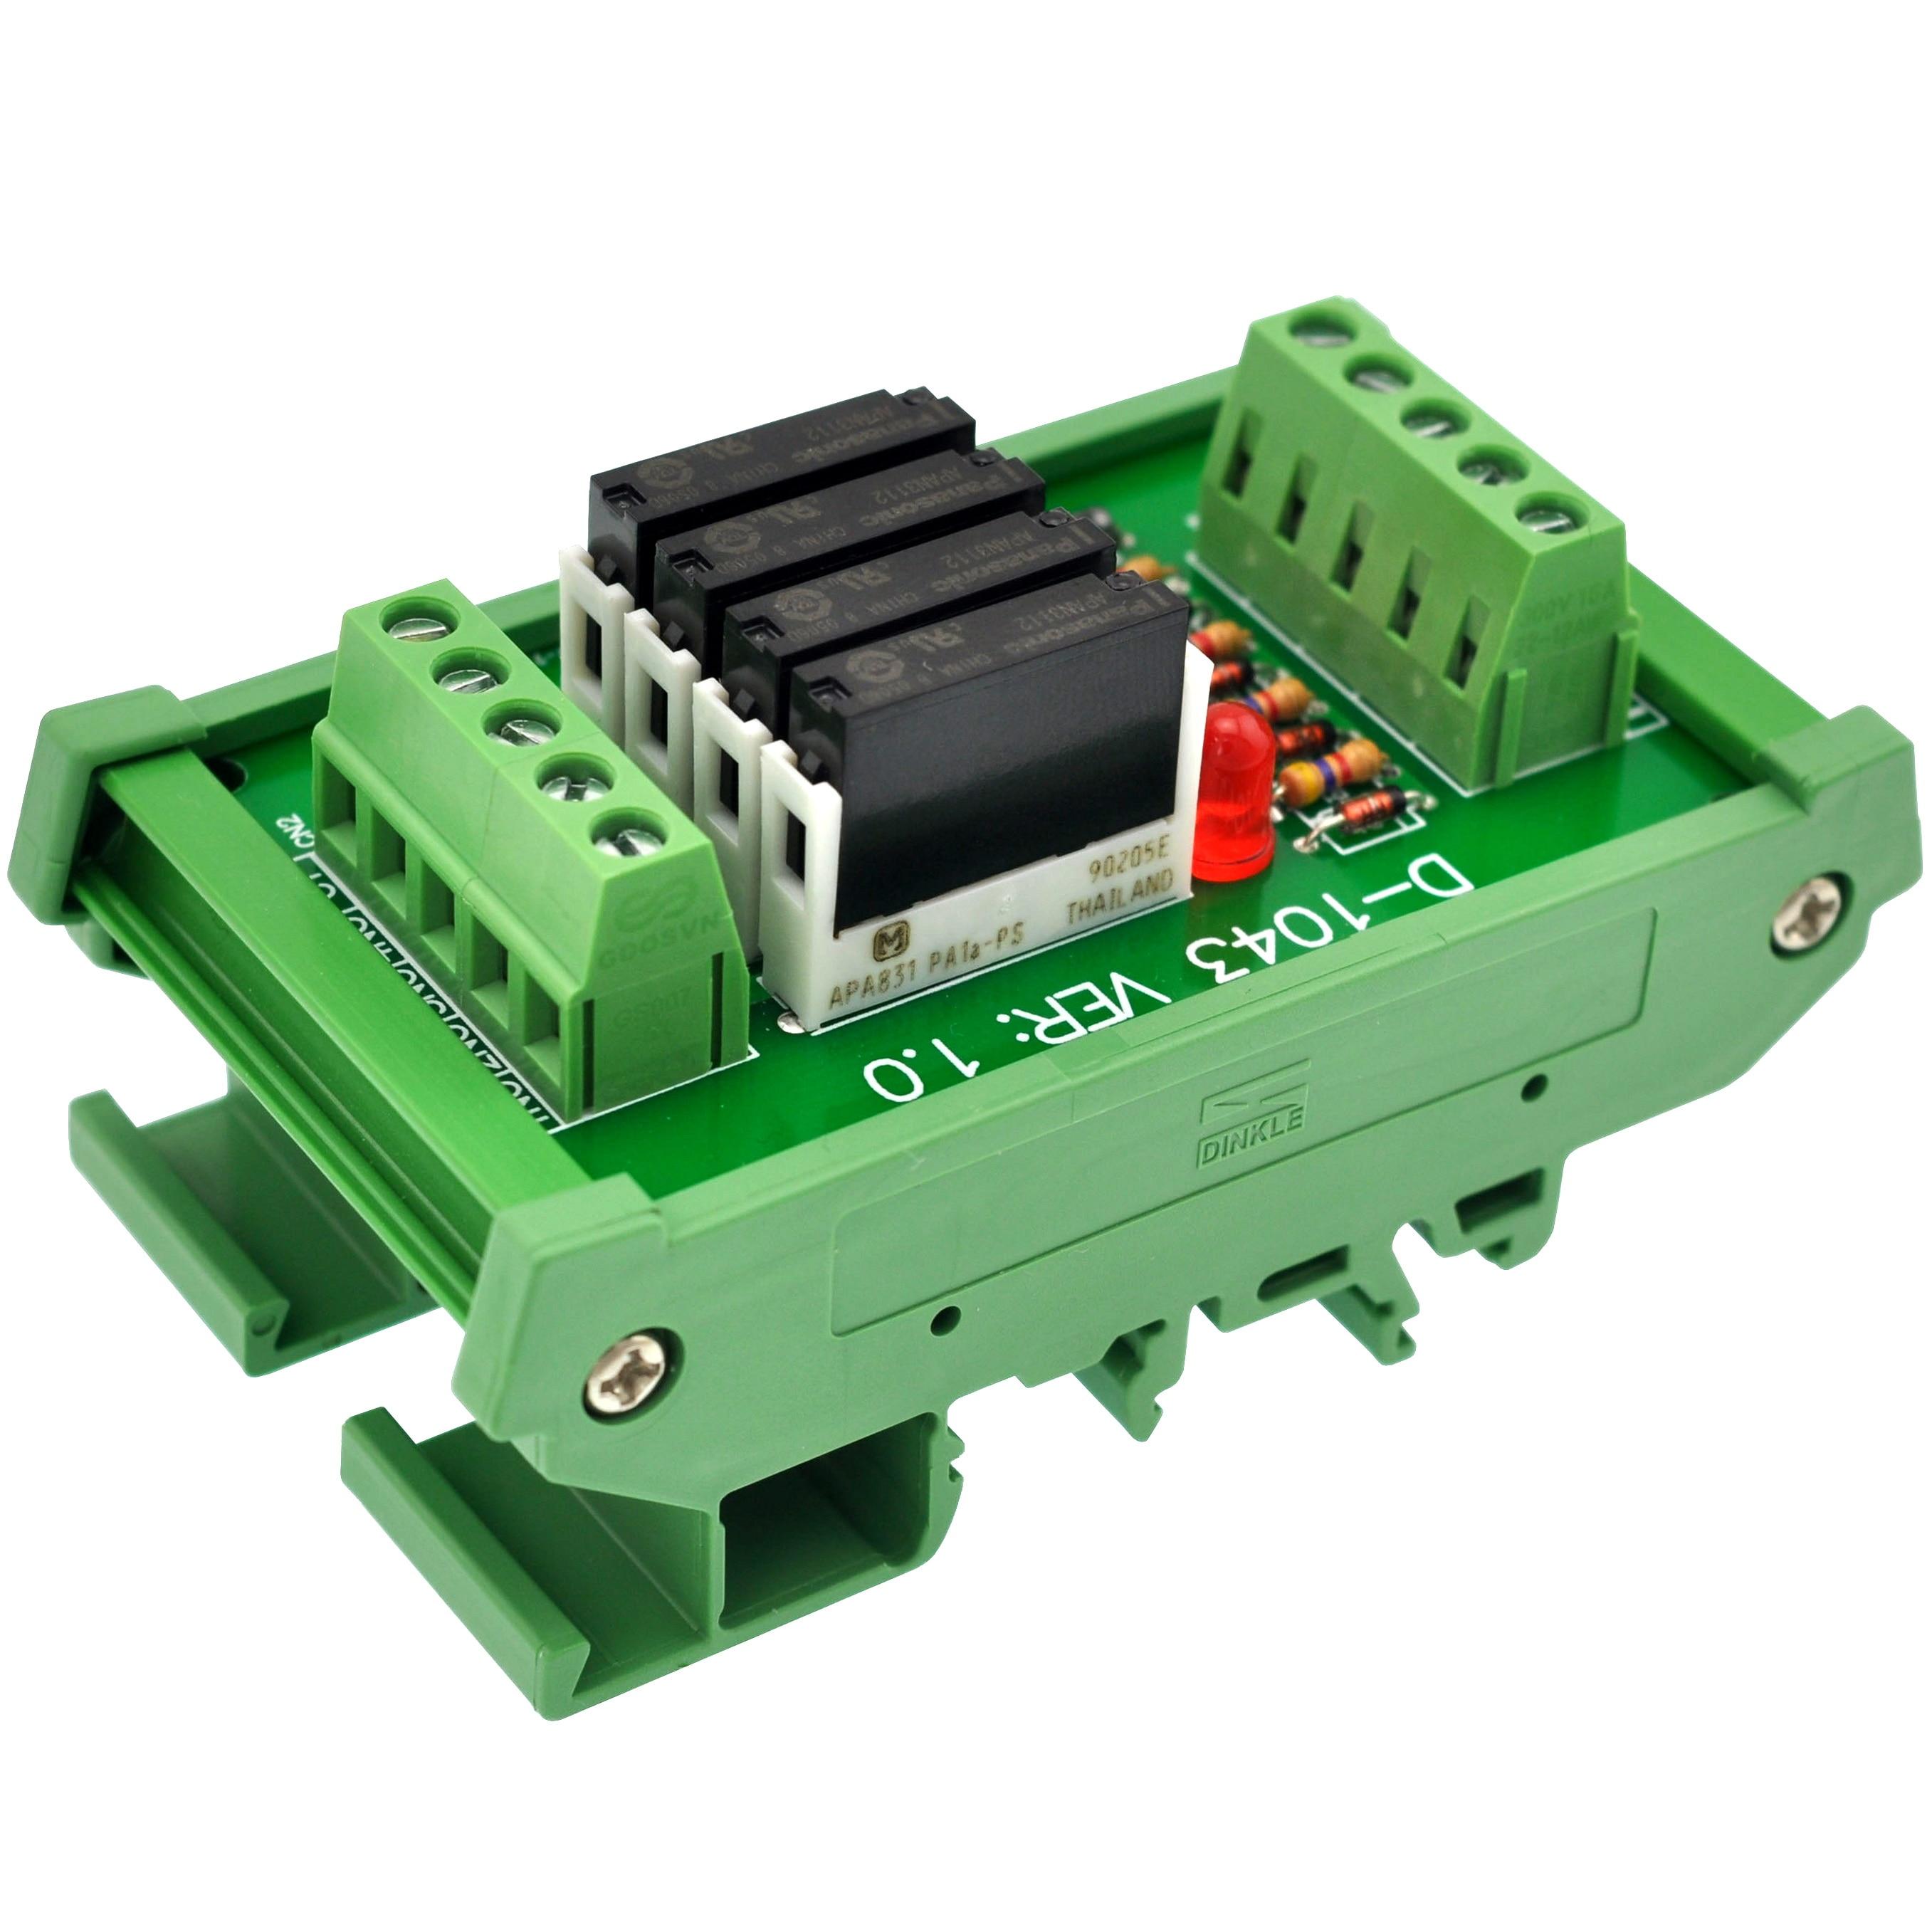 Slim DIN Rail Mount DC12V Source/PNP 4 SPST-NO 5A Power Relay Module, APAN3112